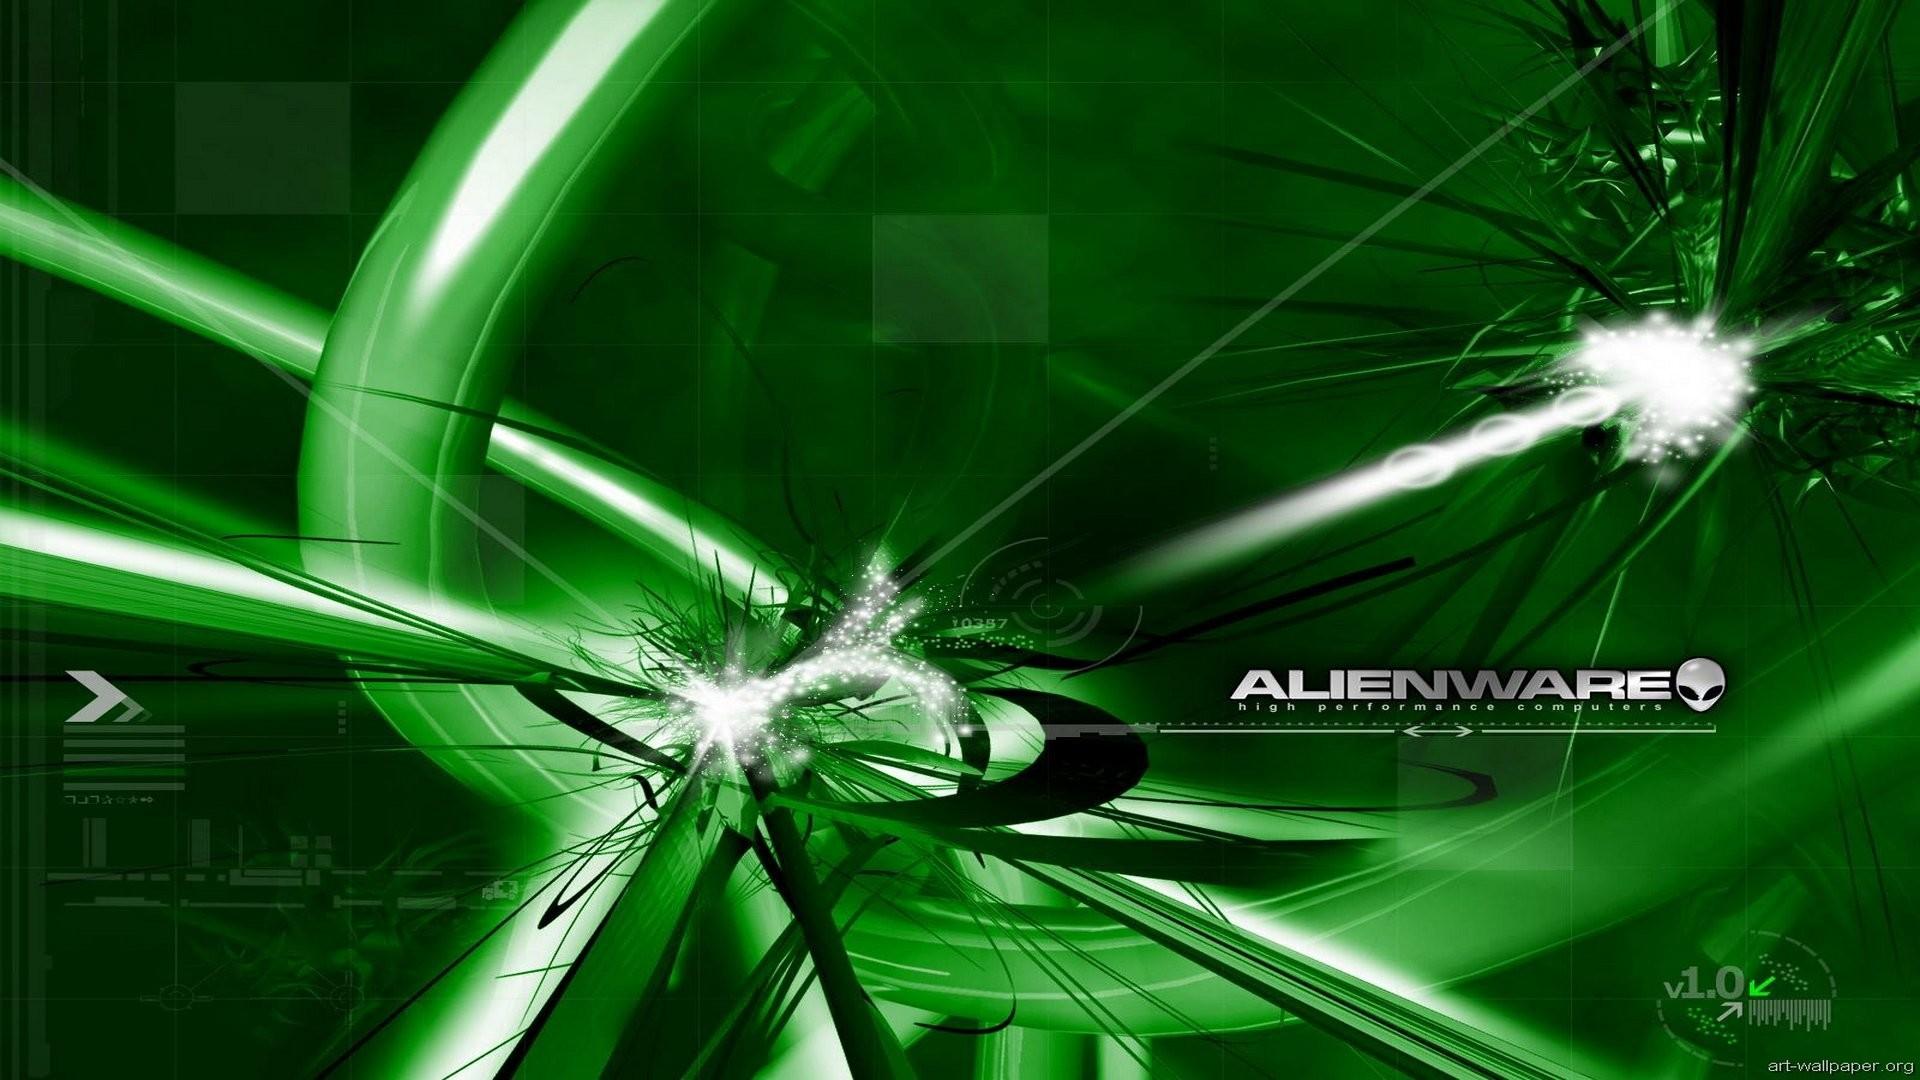 Alienware wallpaper – Computer wallpapers – #1045 | Alienware .